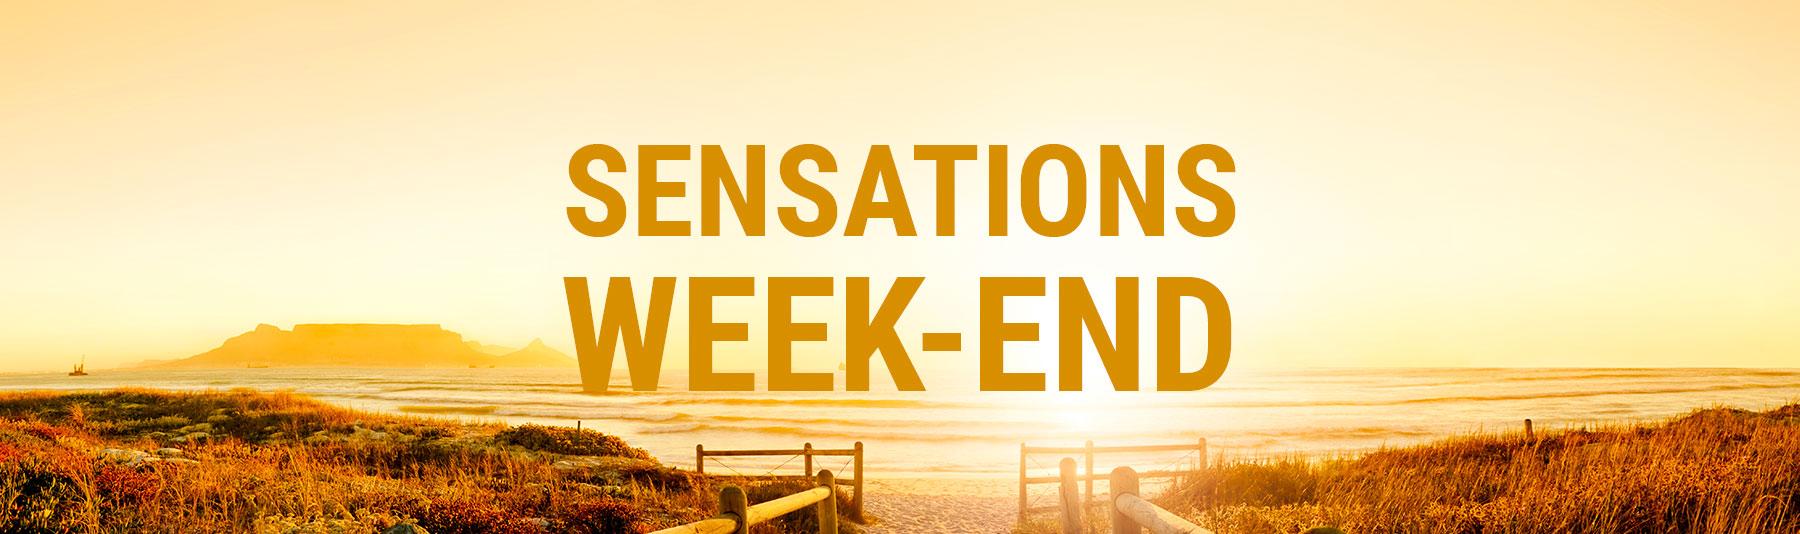 Sensations Week-end !